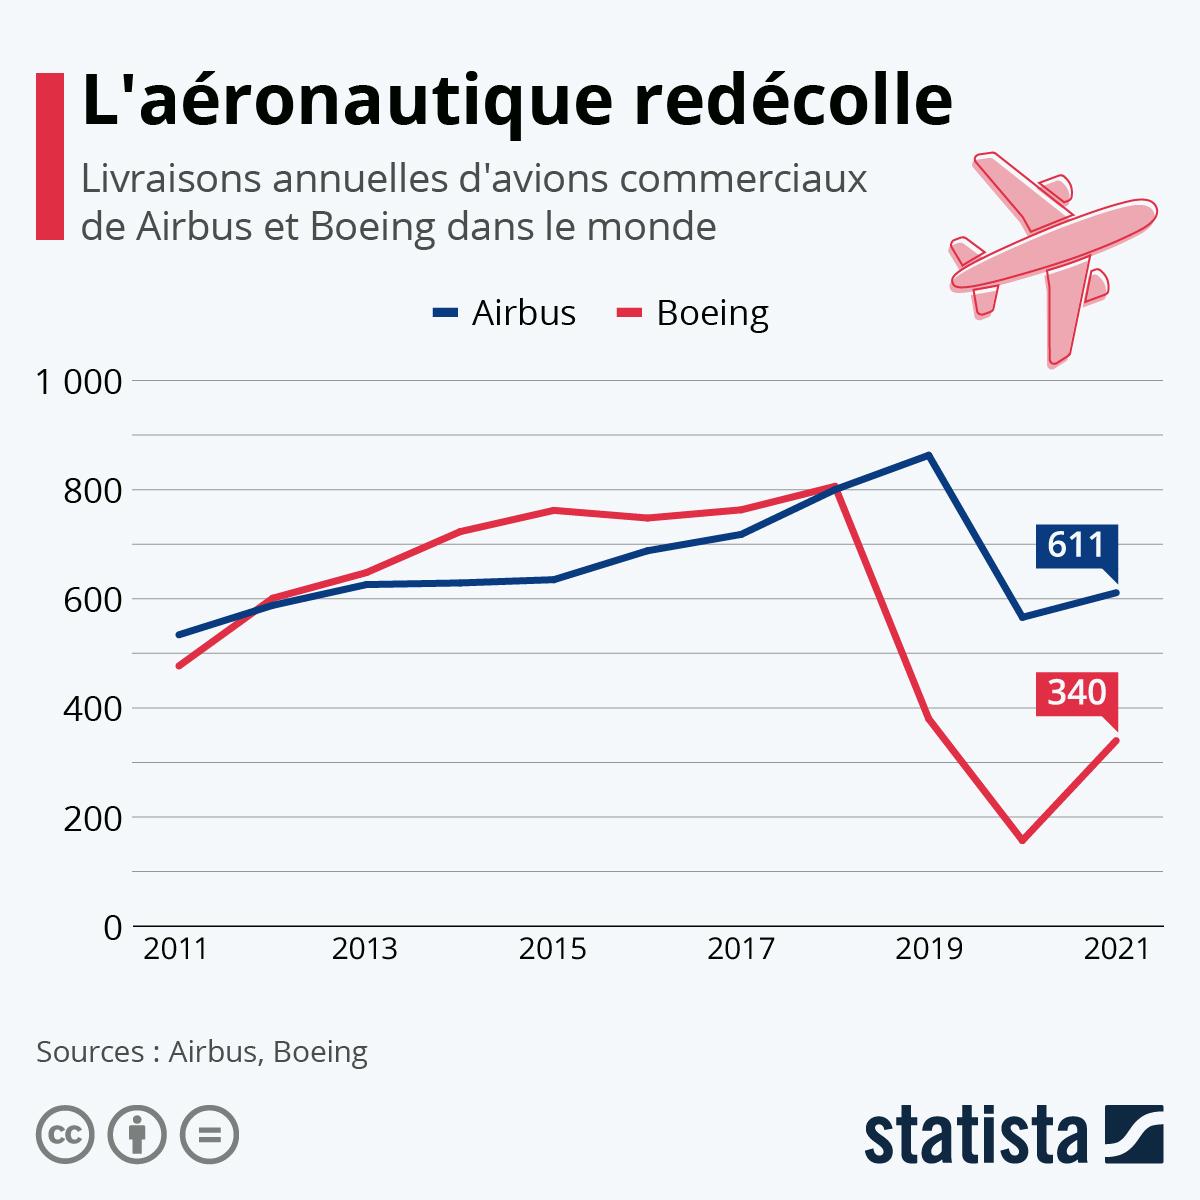 Infographie: Crash des livraisons pour l'aviation commerciale | Statista